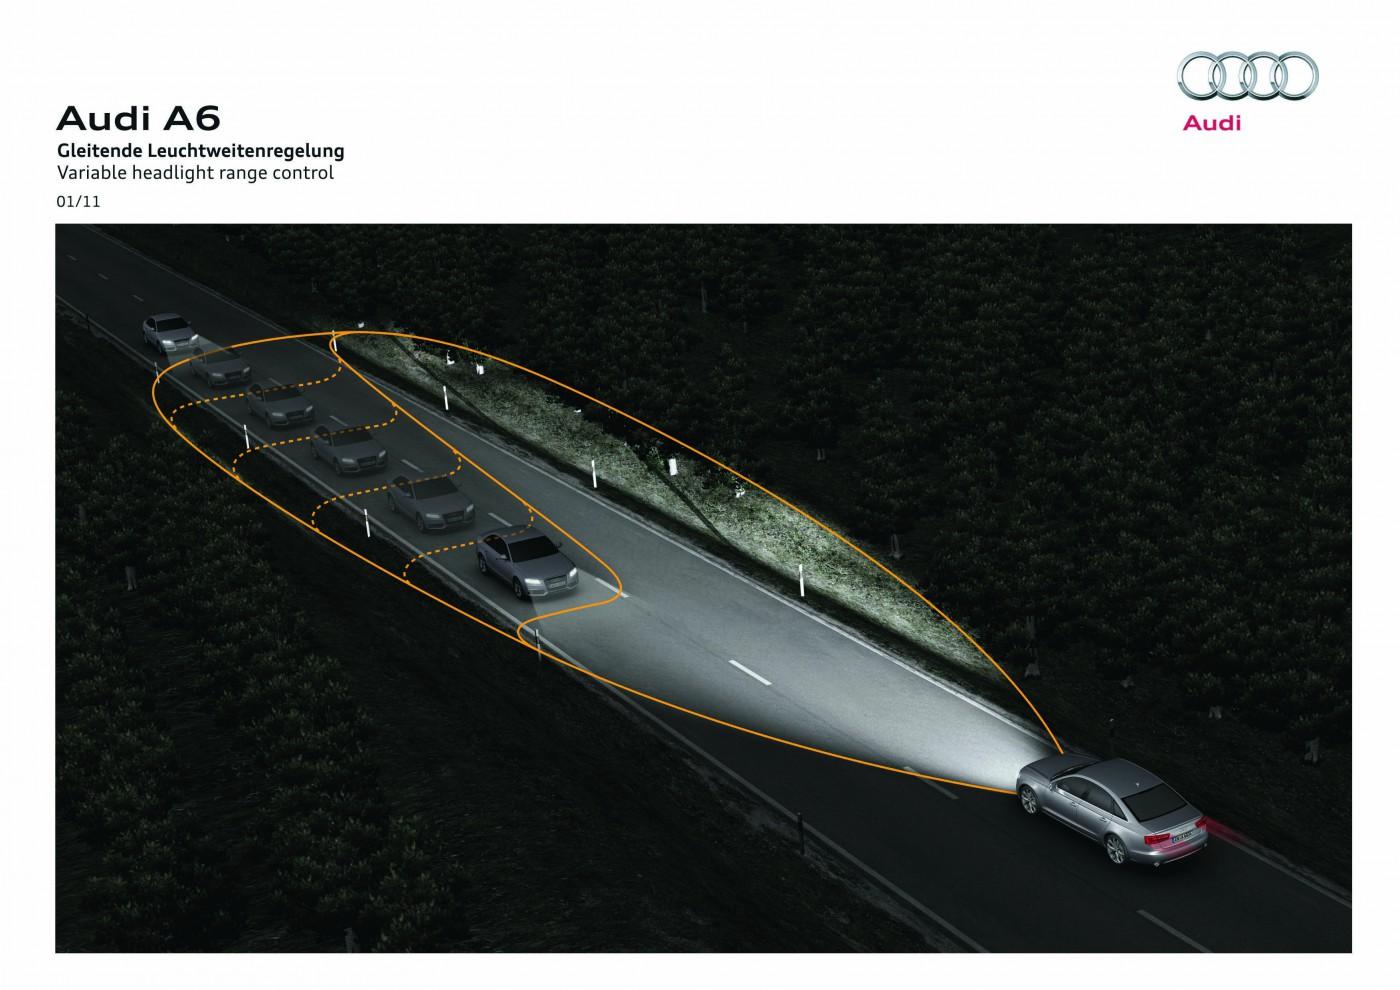 Audi: Eine gleitende Leuchtweitenregelung wirkt dem Blenden des Gegenverkehrs entegegen.